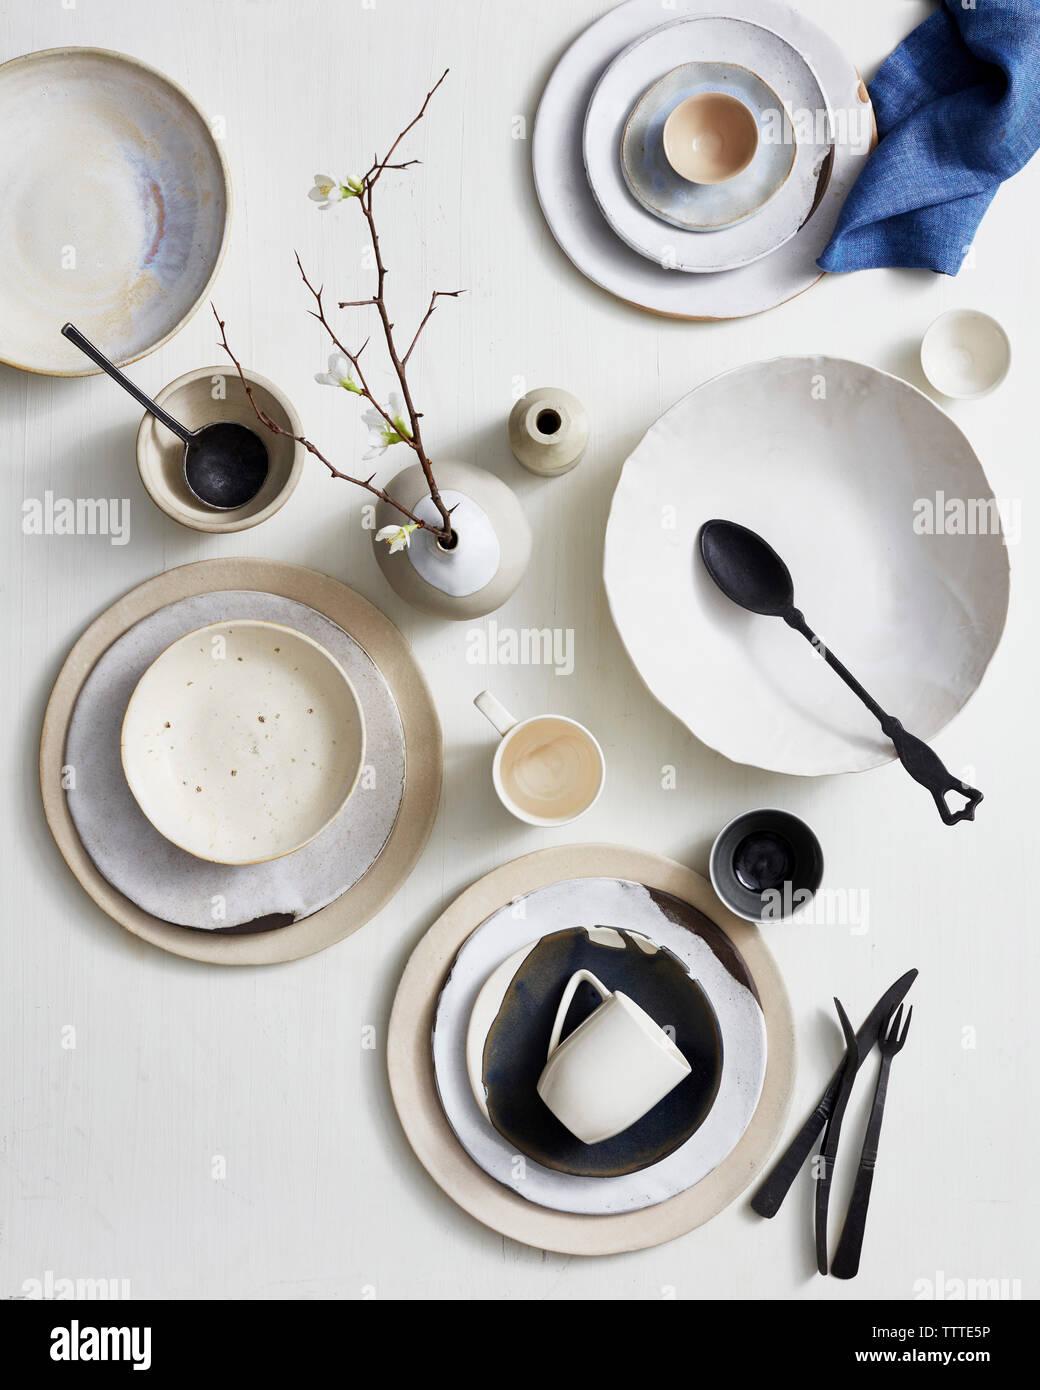 Un alto ángulo de visualización de utensilios de cocina en la mesa Foto de stock